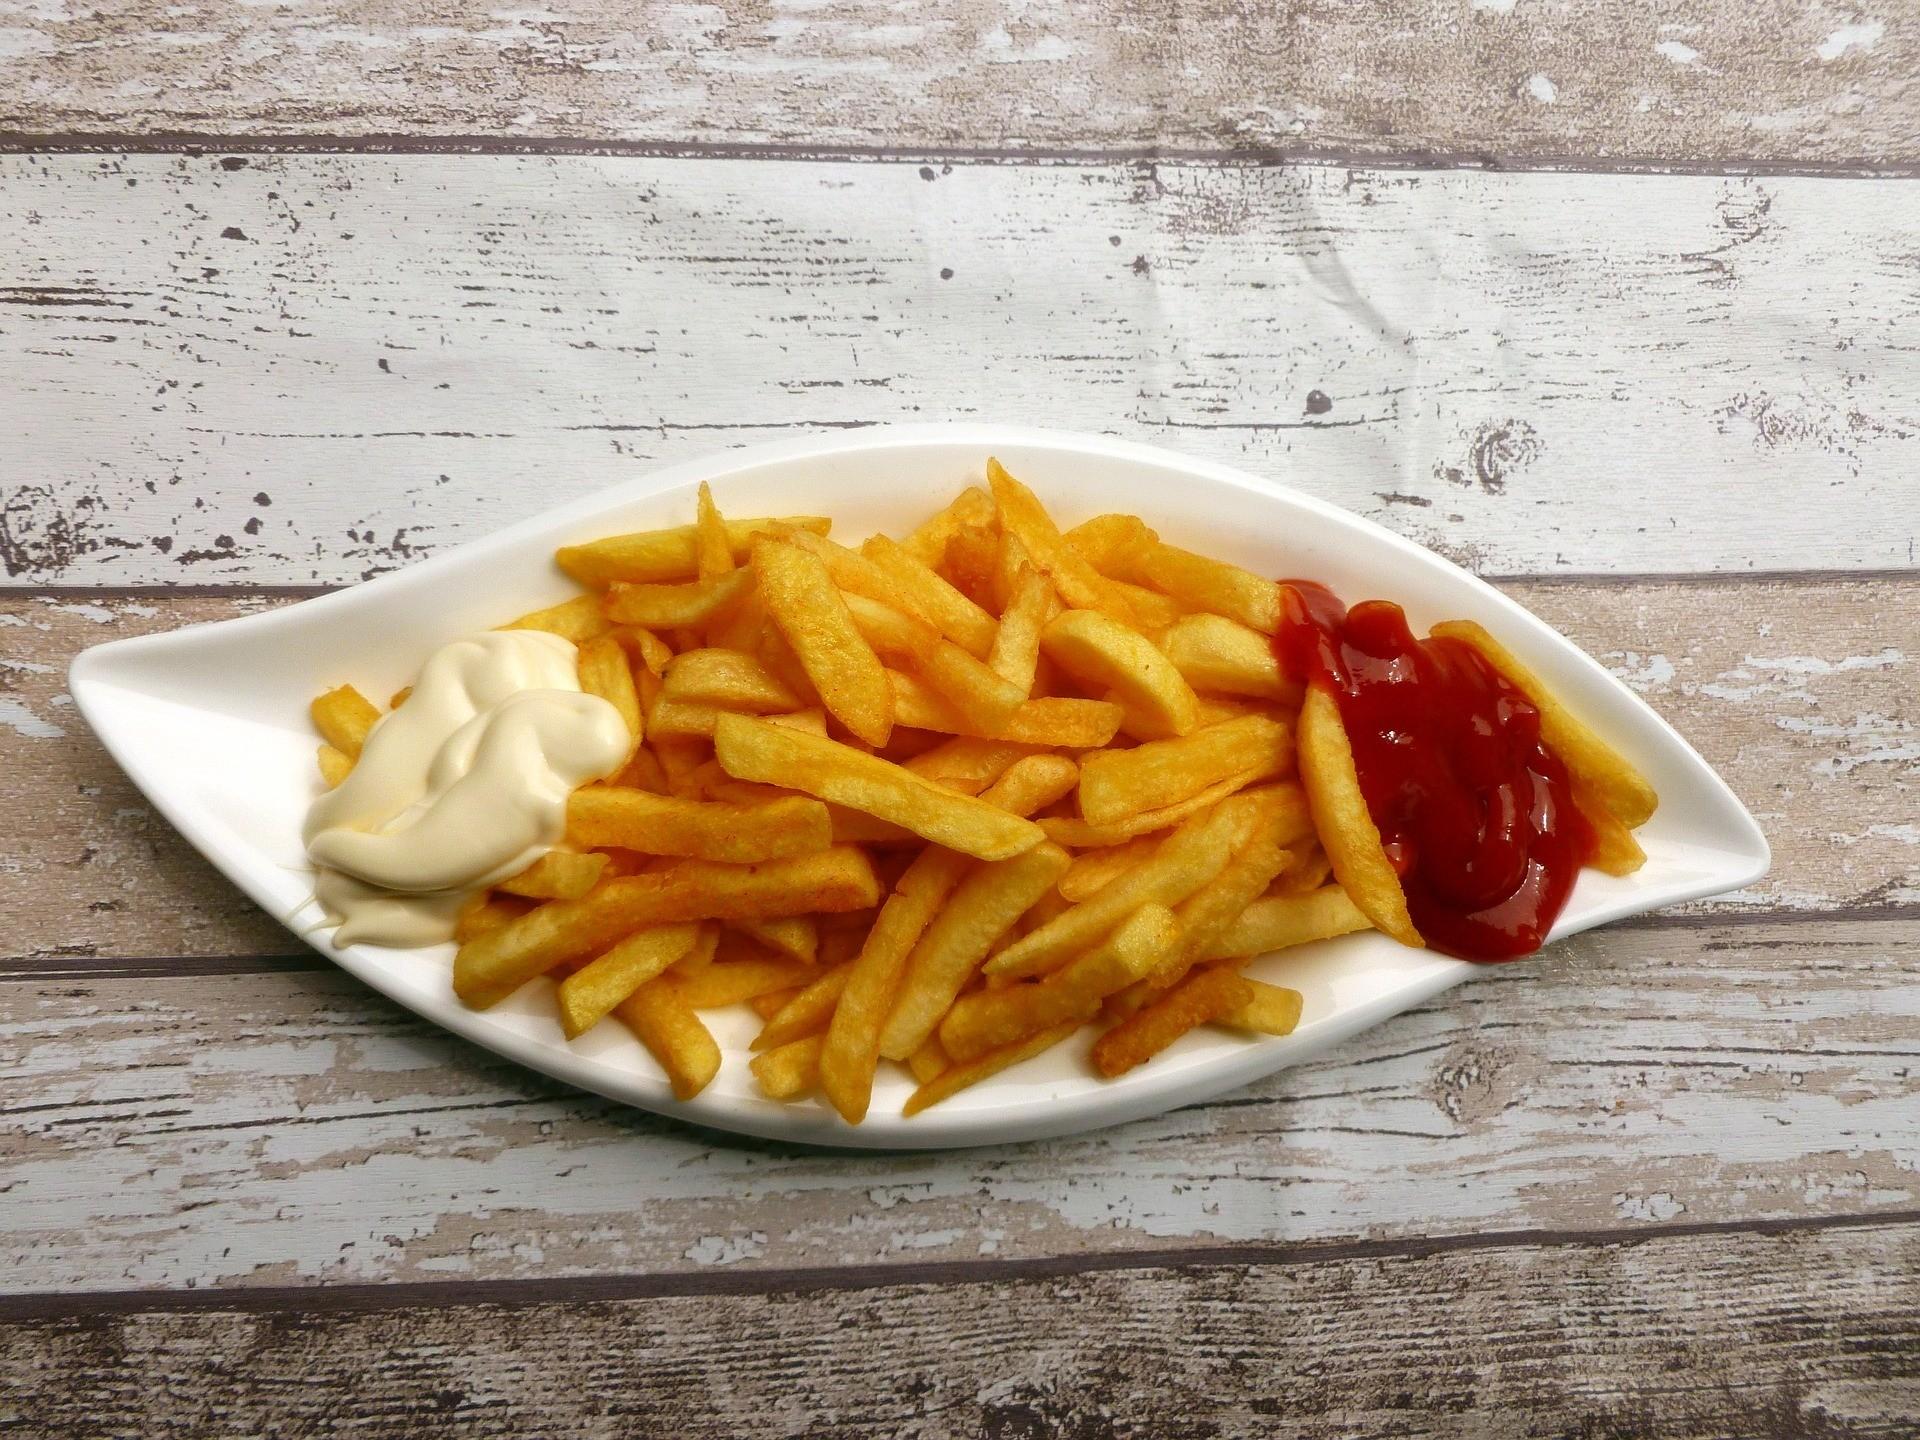 Food French fries debate